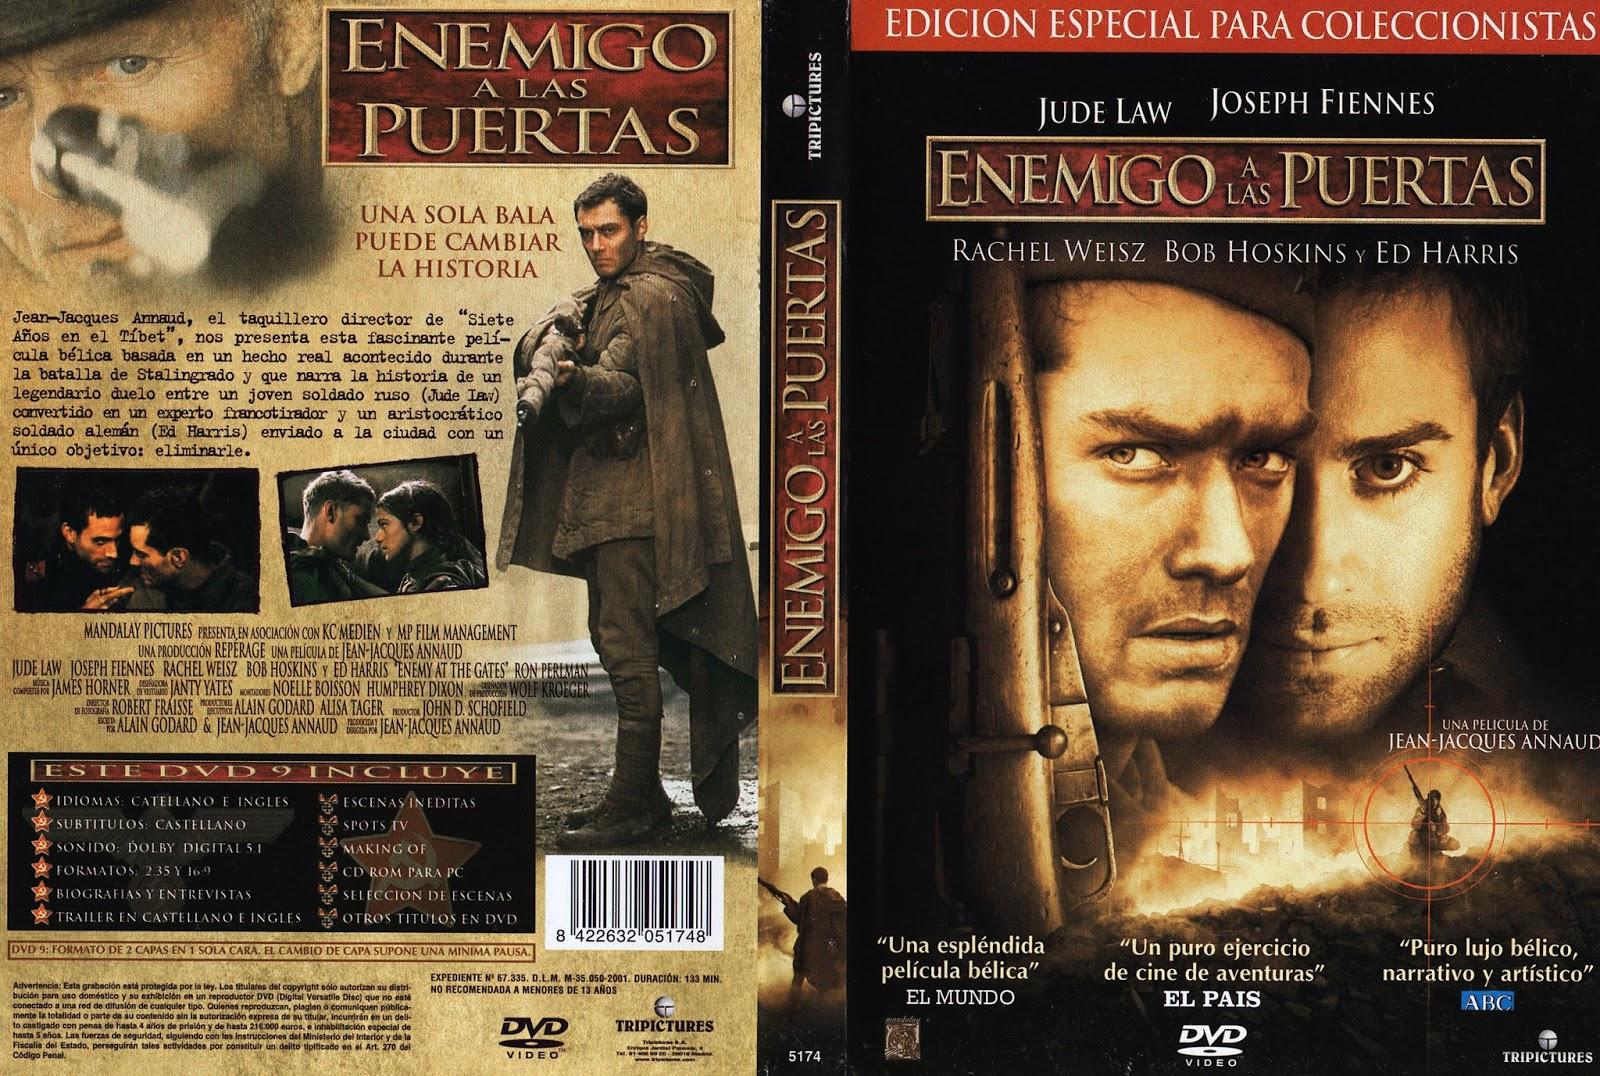 Caratulas y etiquetas enemigo a las puertas enemy at the for Enemigo a las puertas